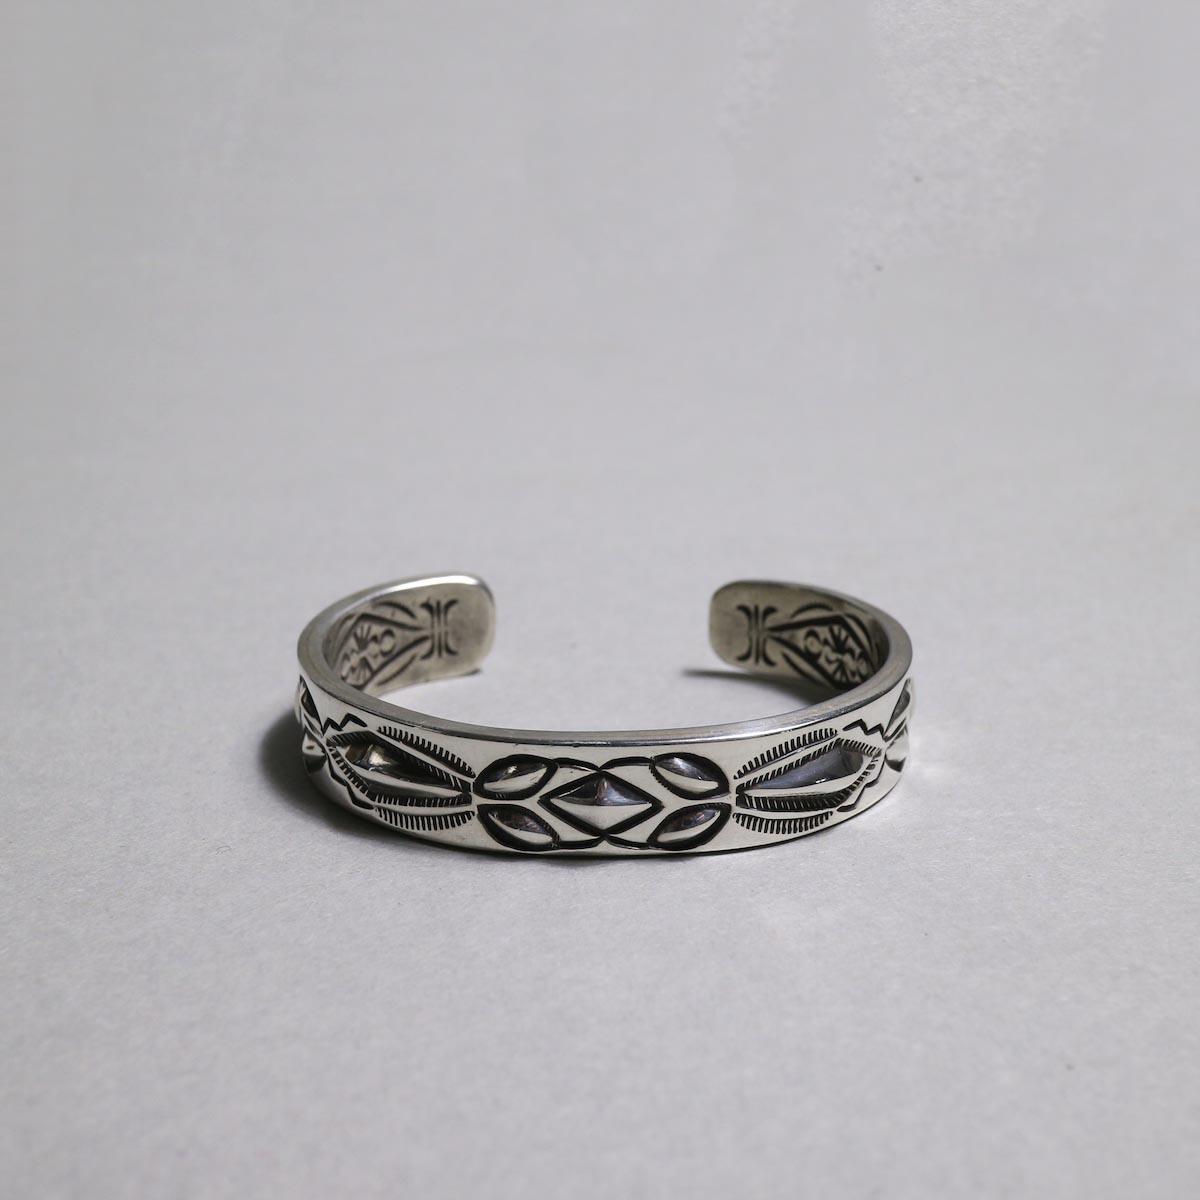 RAY ADAKAI / Double Stamp Bracelet (B)